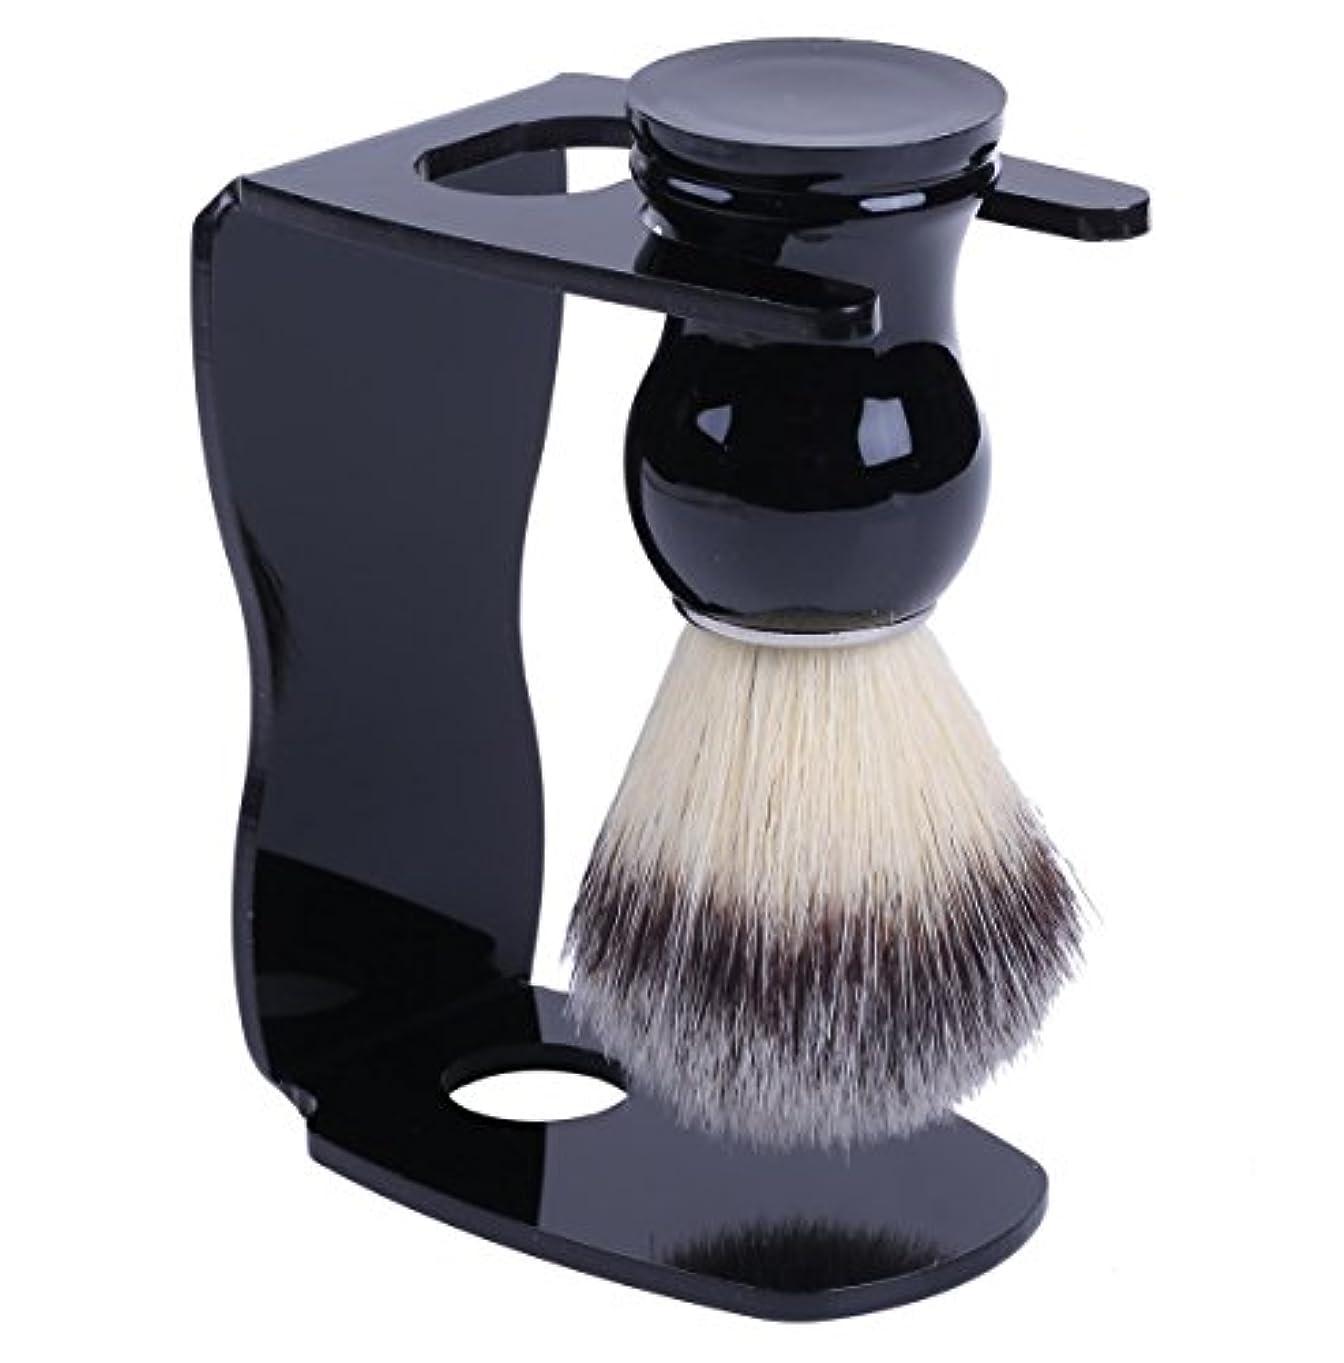 とても収縮相互接続泡立ちが違う アナグマ 毛100% スタンド付き シェービング ブラシ /髭剃り 洗顔 理容 マッサージ 美容 効果